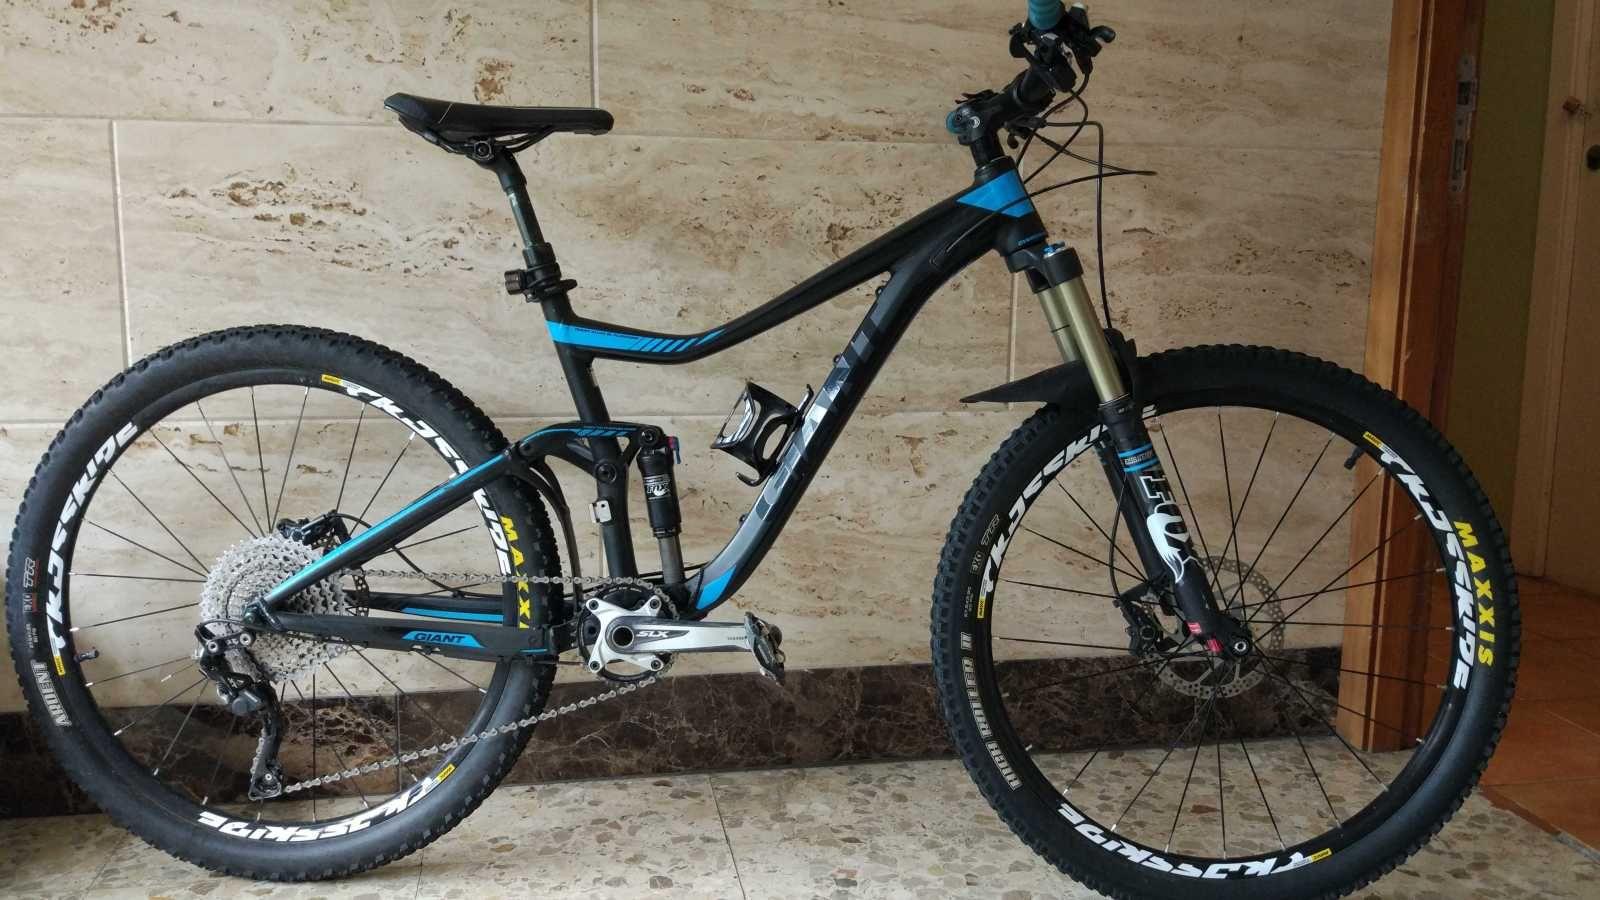 Bicicleta De Montaña Giant Trance Ref 40130 Talla M Año 2015 Cambio Shimano Deore Xt Cuadro De Alum Bicicletas Bicicletas De Montaña Giant Bicicletas Mtb